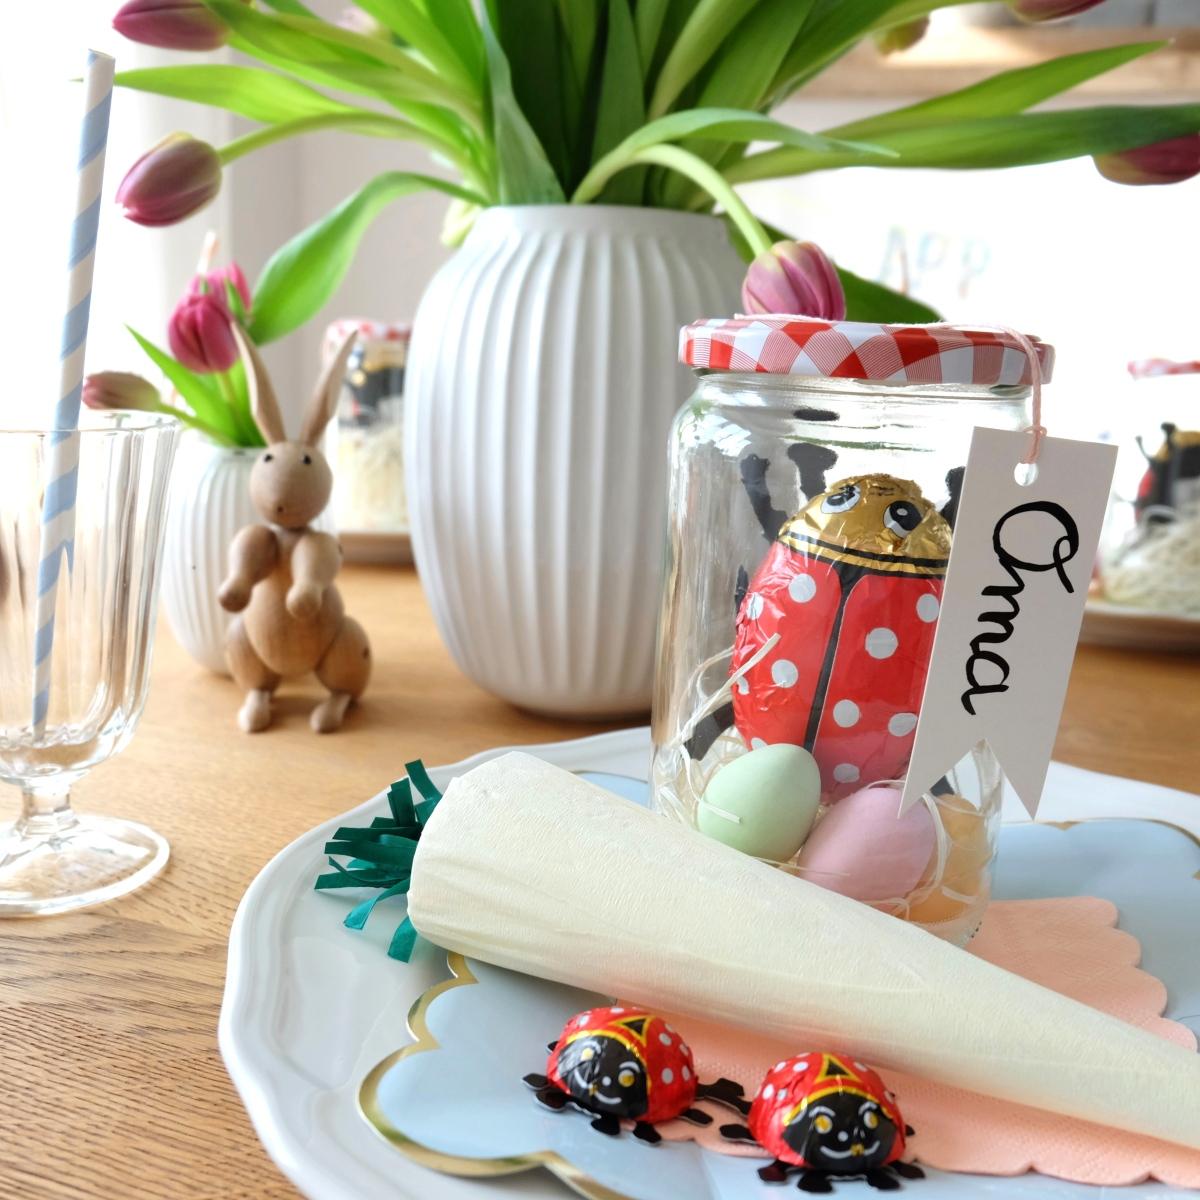 Diy Ostern Tischdeko Basteln Glas Hase 1b So Leben Wir